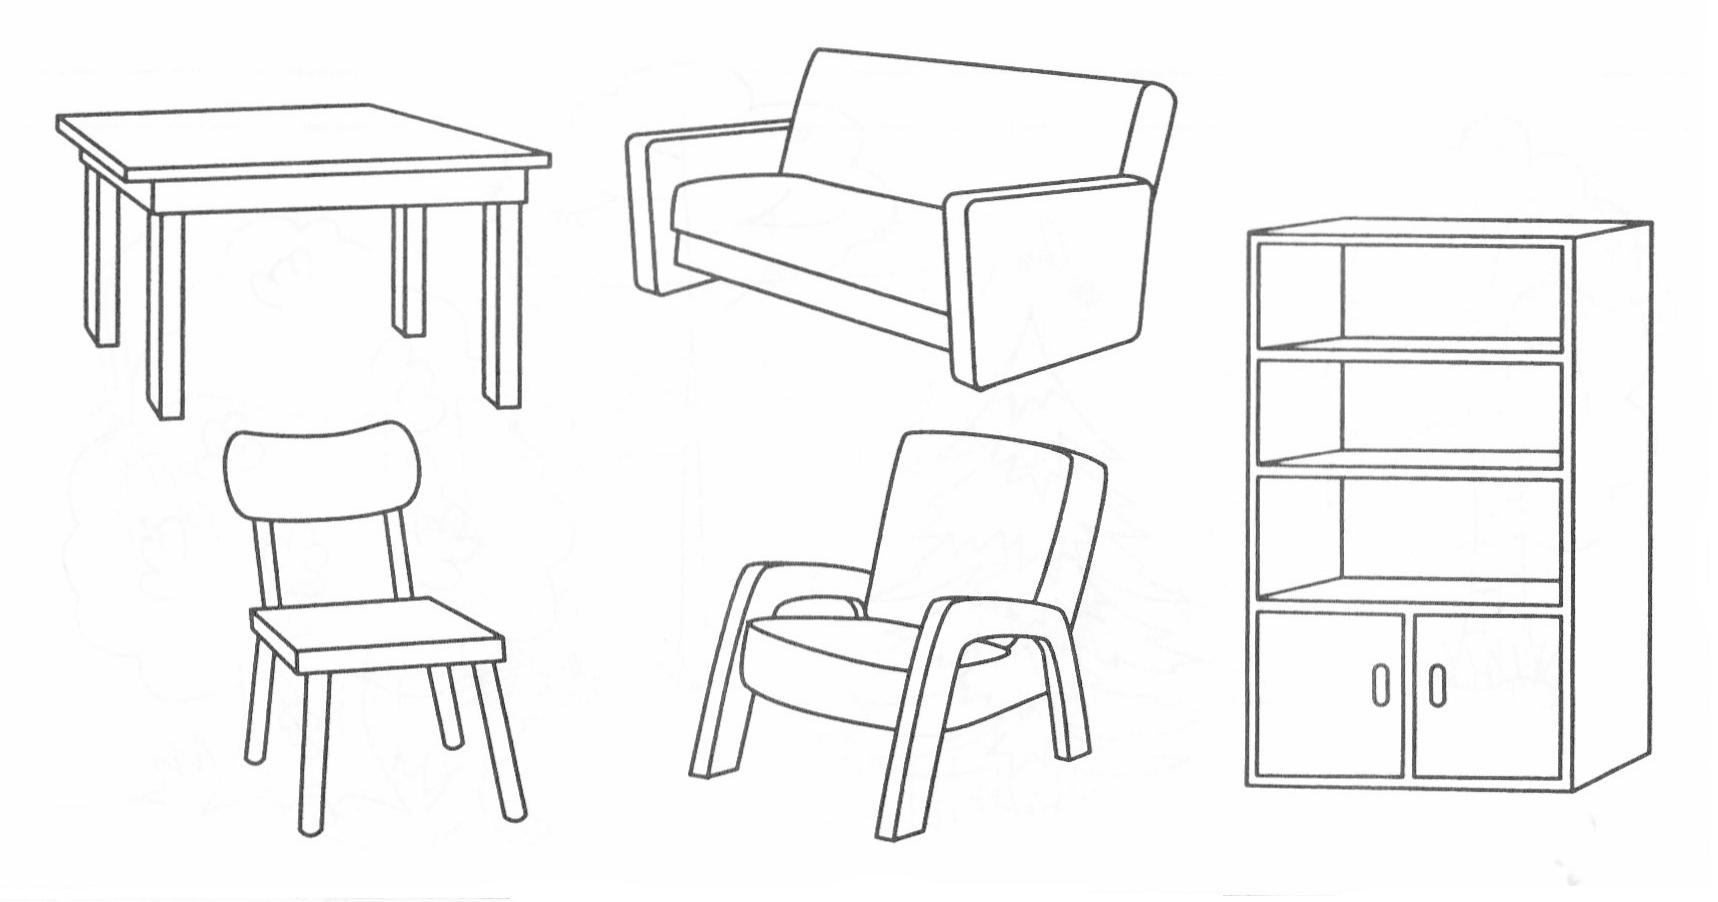 Картинки мебели раскраска для детей детского сада